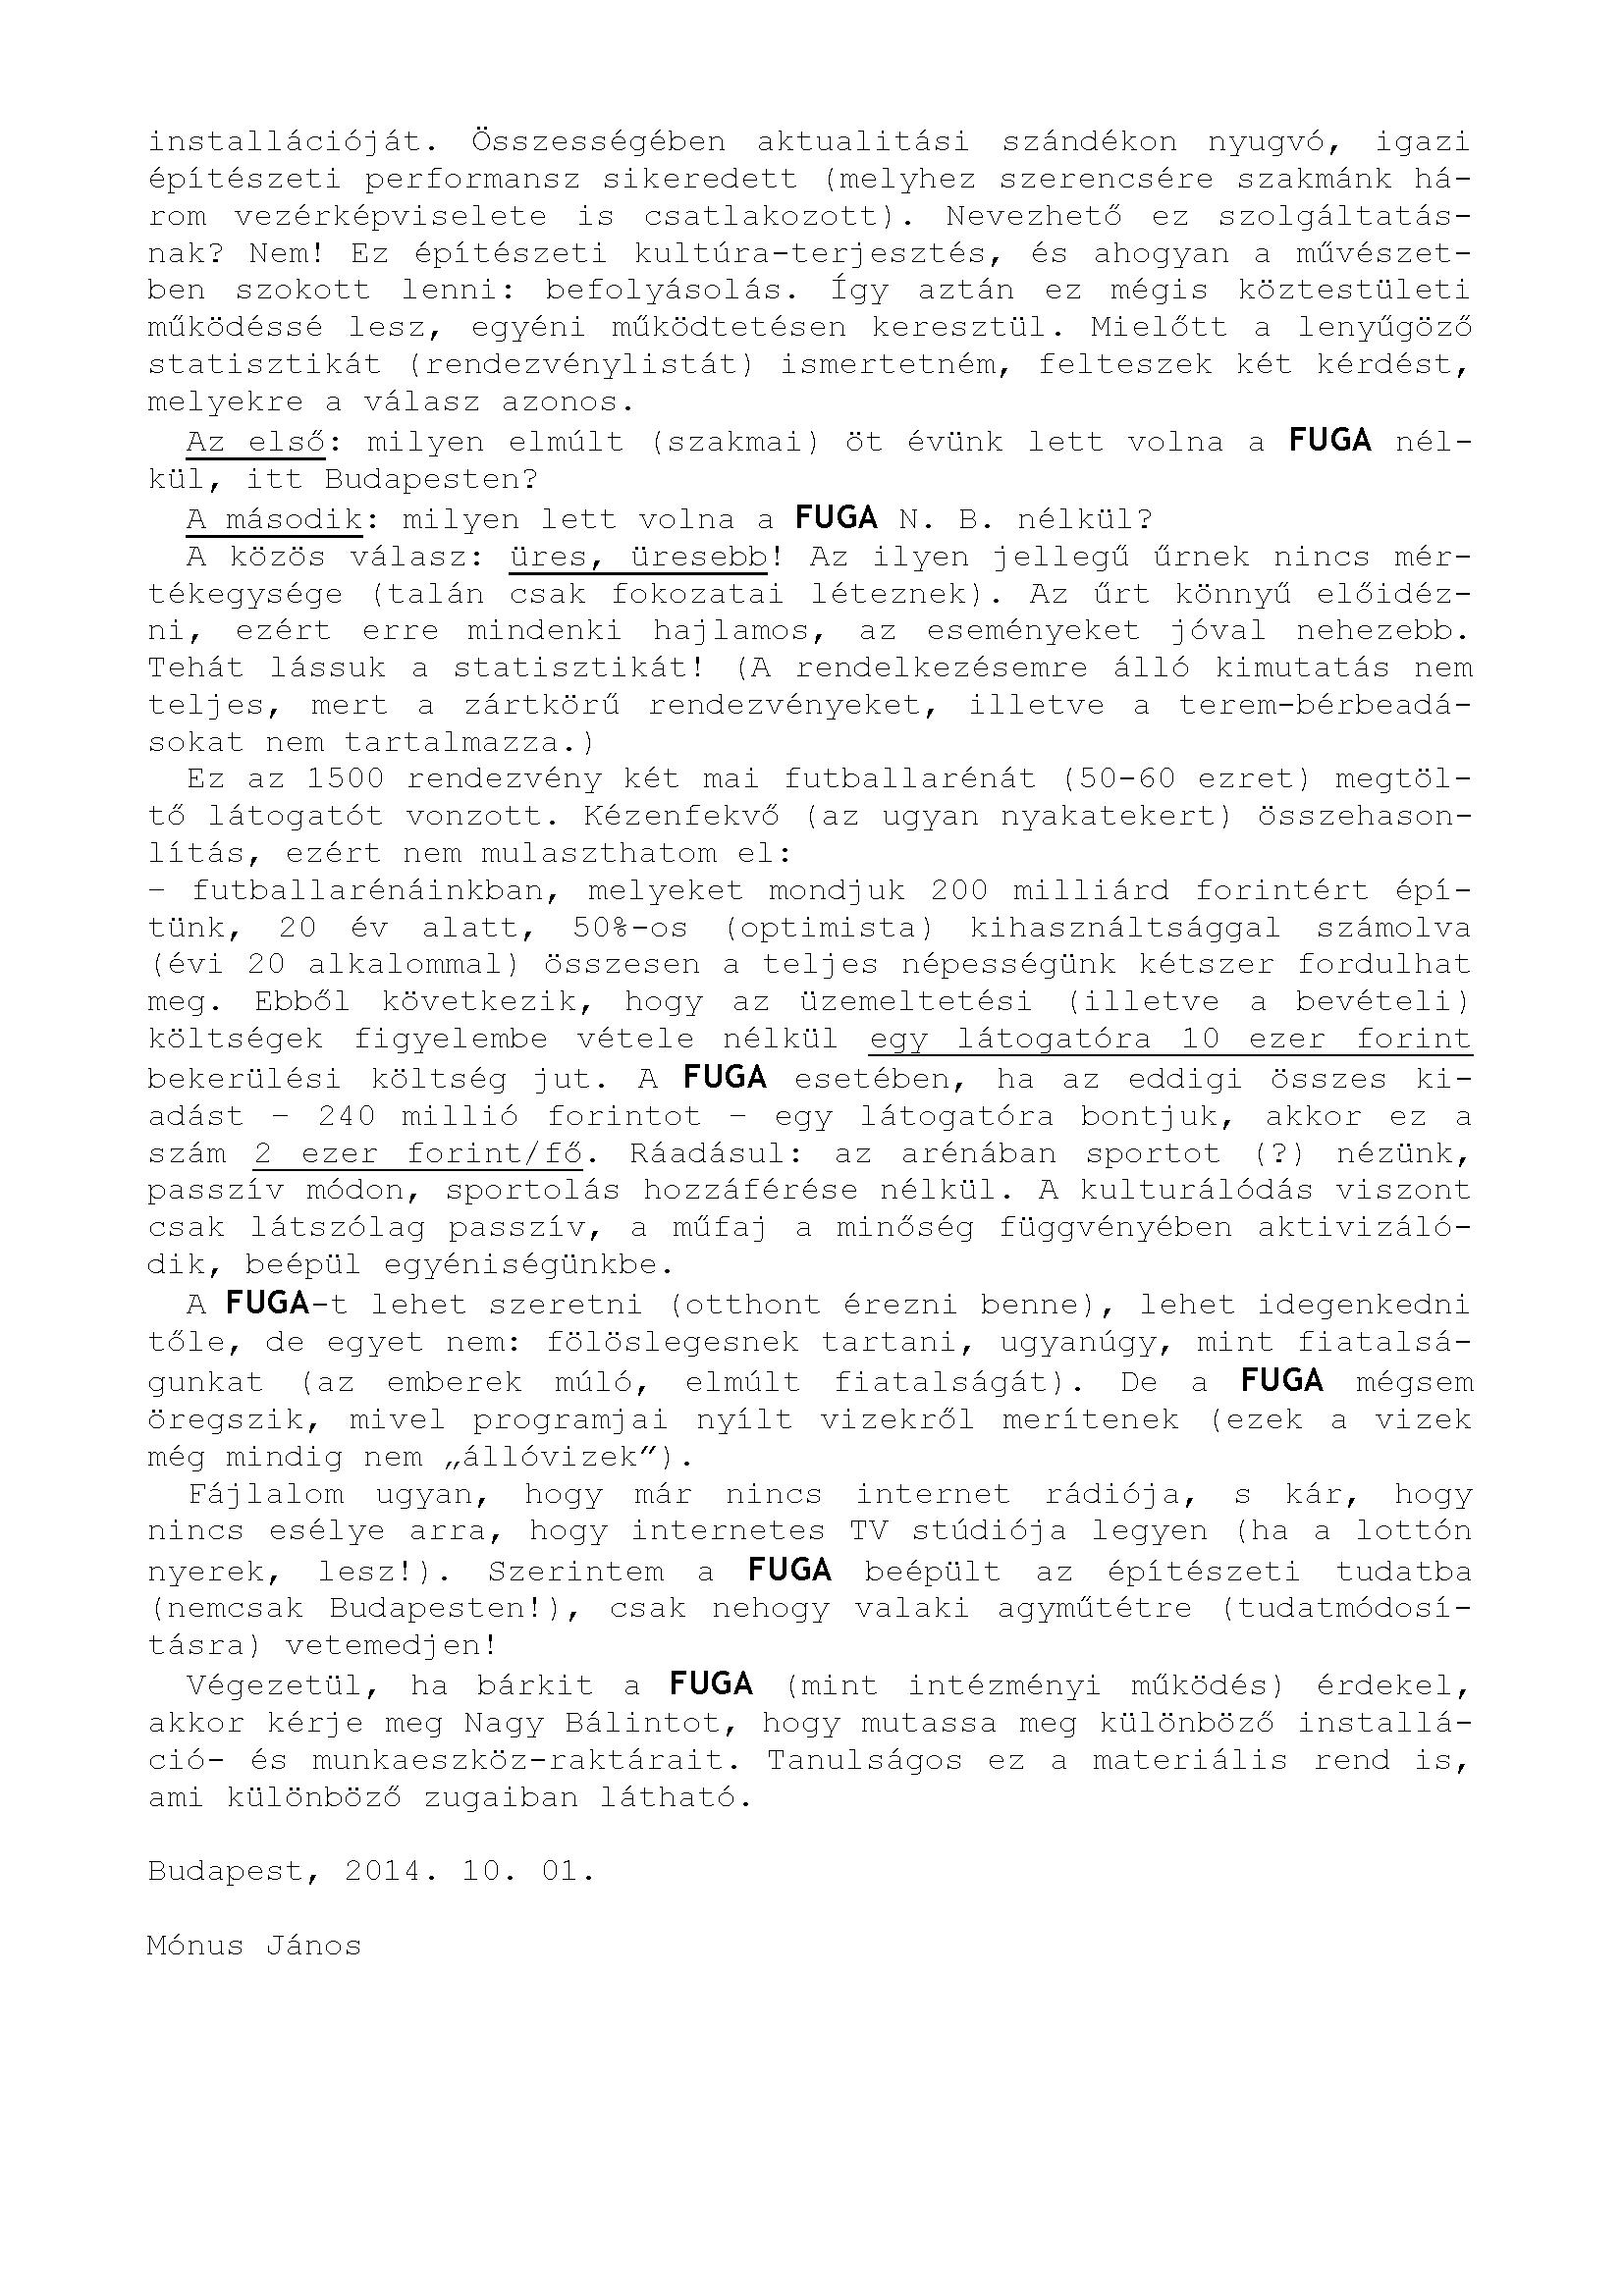 Mónus_Page_2